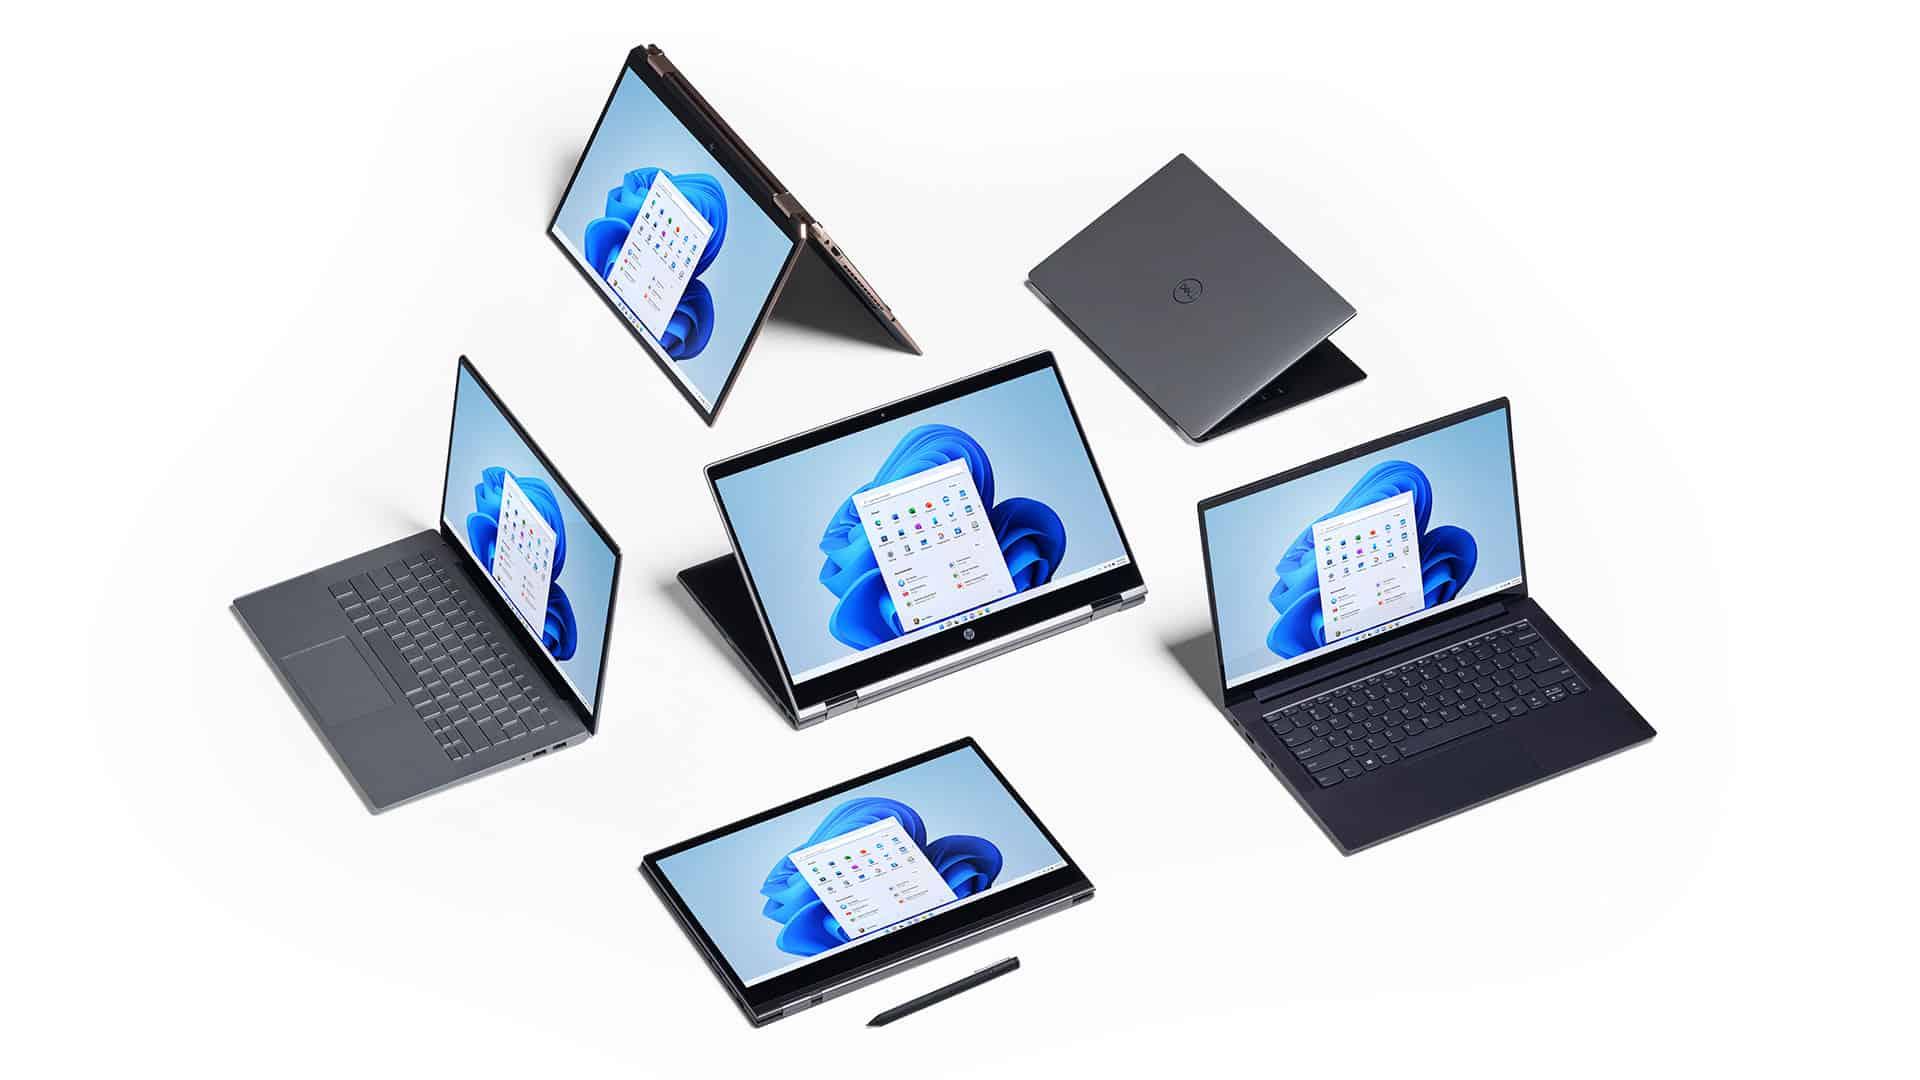 พีซีเพื่อเราทุกคน Windows ใหม่ พร้อมใช้งานบนอุปกรณ์หลากหลายรุ่นจากพันธมิตรของเรา